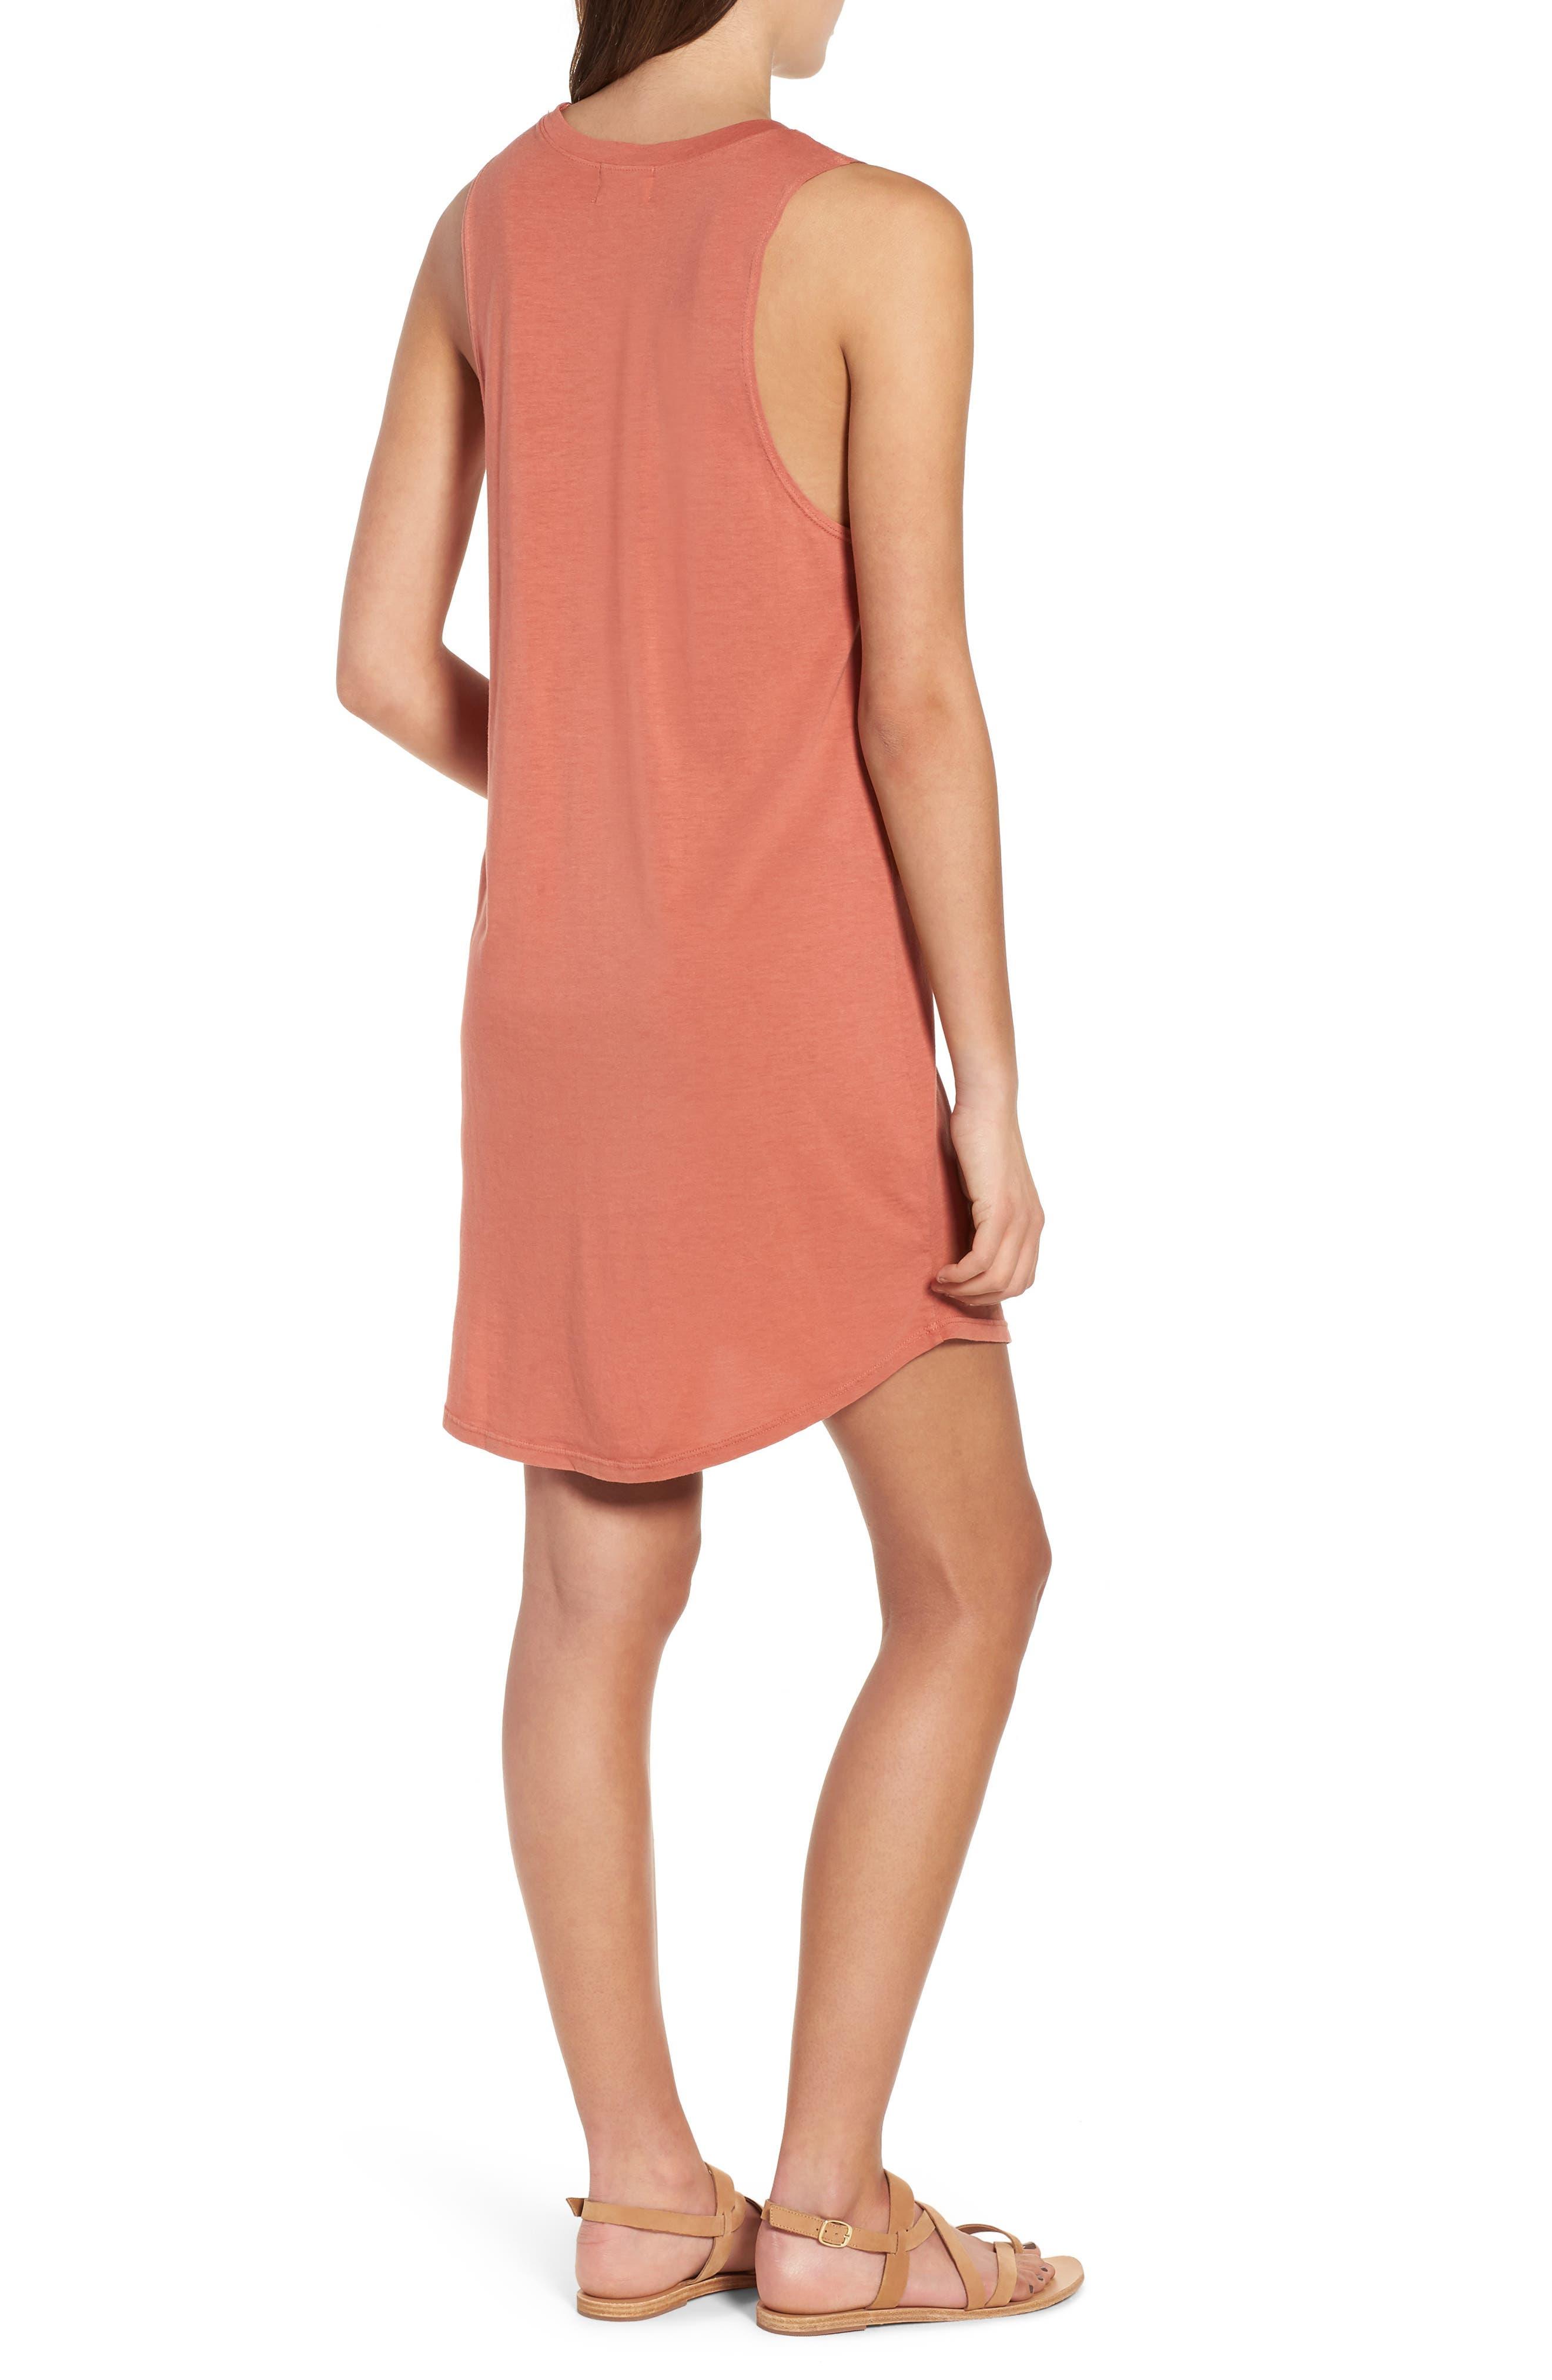 Pocket Tank Dress,                             Alternate thumbnail 2, color,                             PINK DESERT